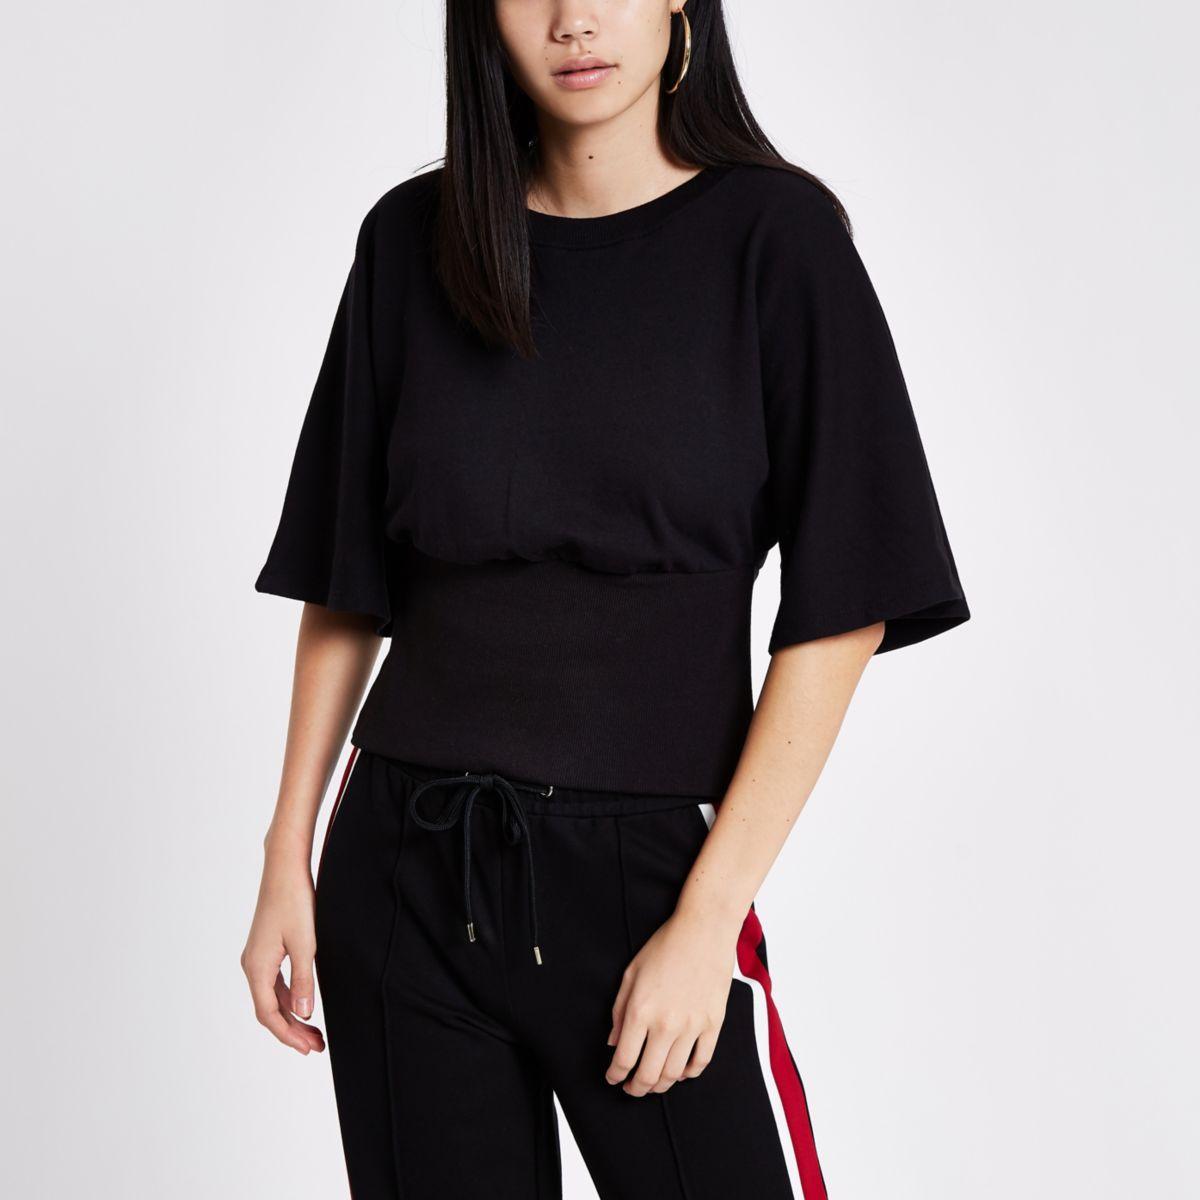 Schwarzes Sweatshirt mit Flügelärmeln